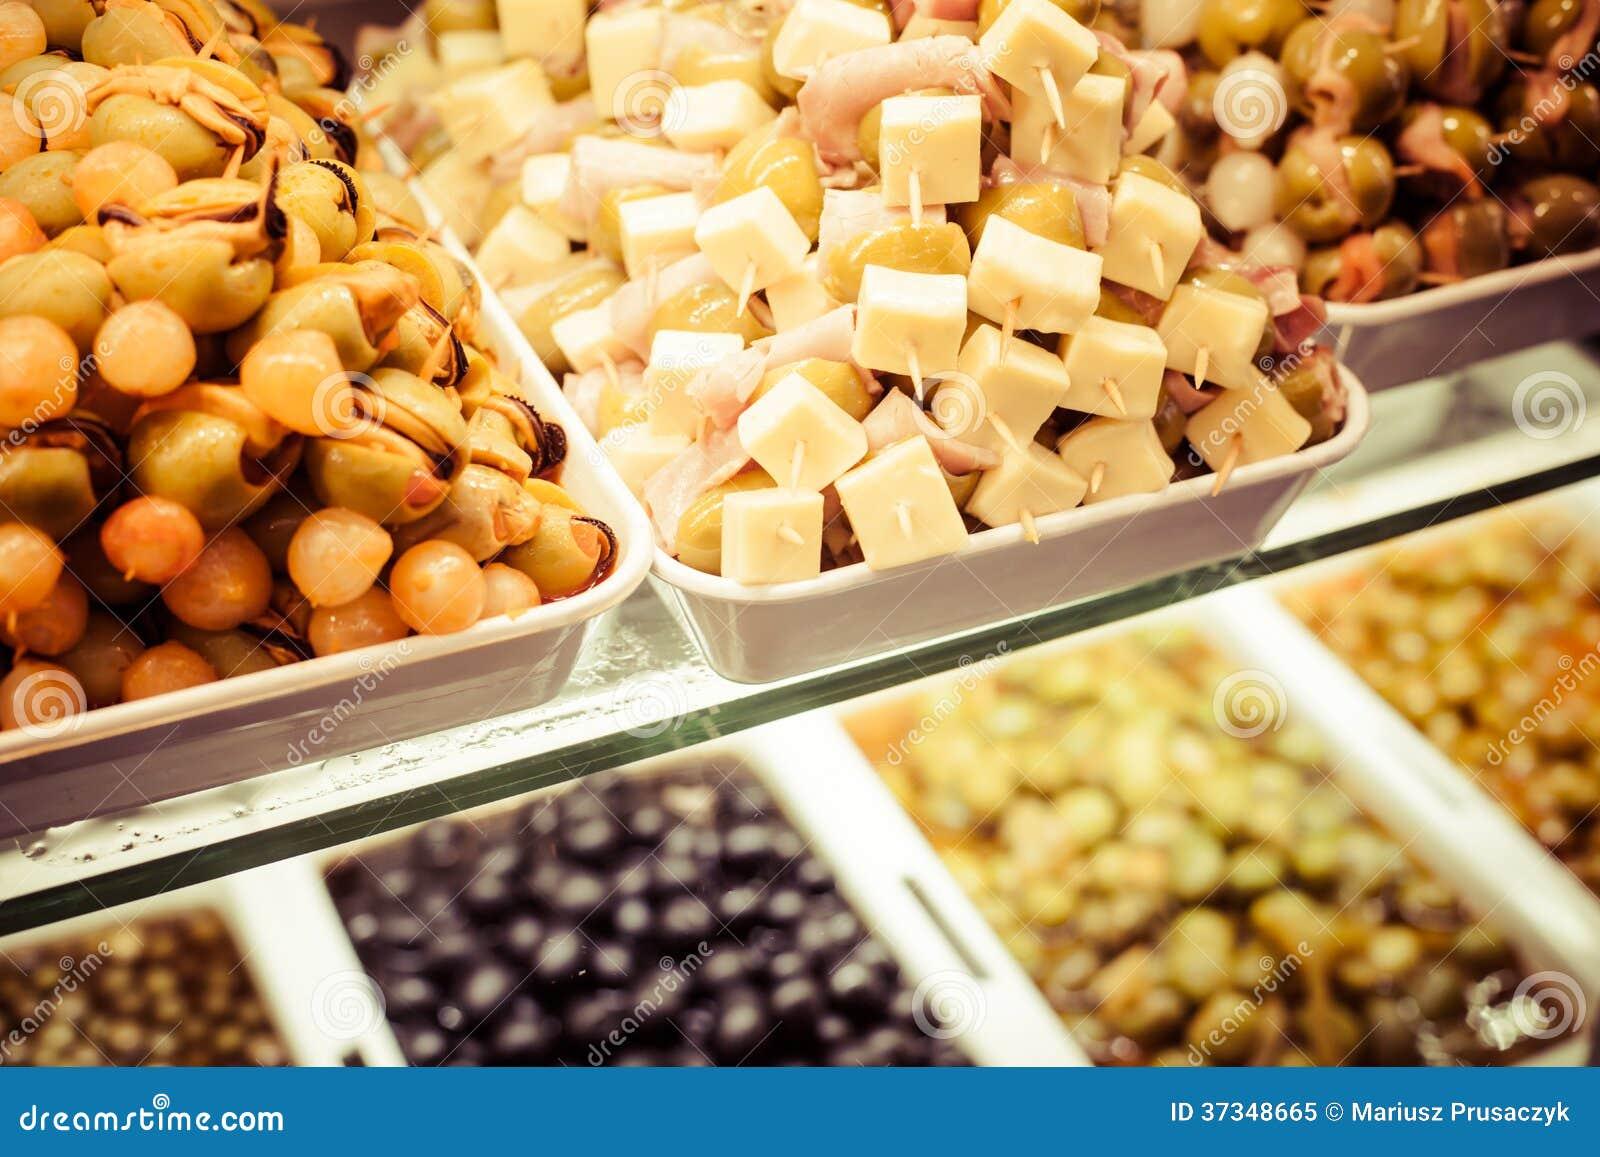 Typowy hiszpański jedzenie rynek.